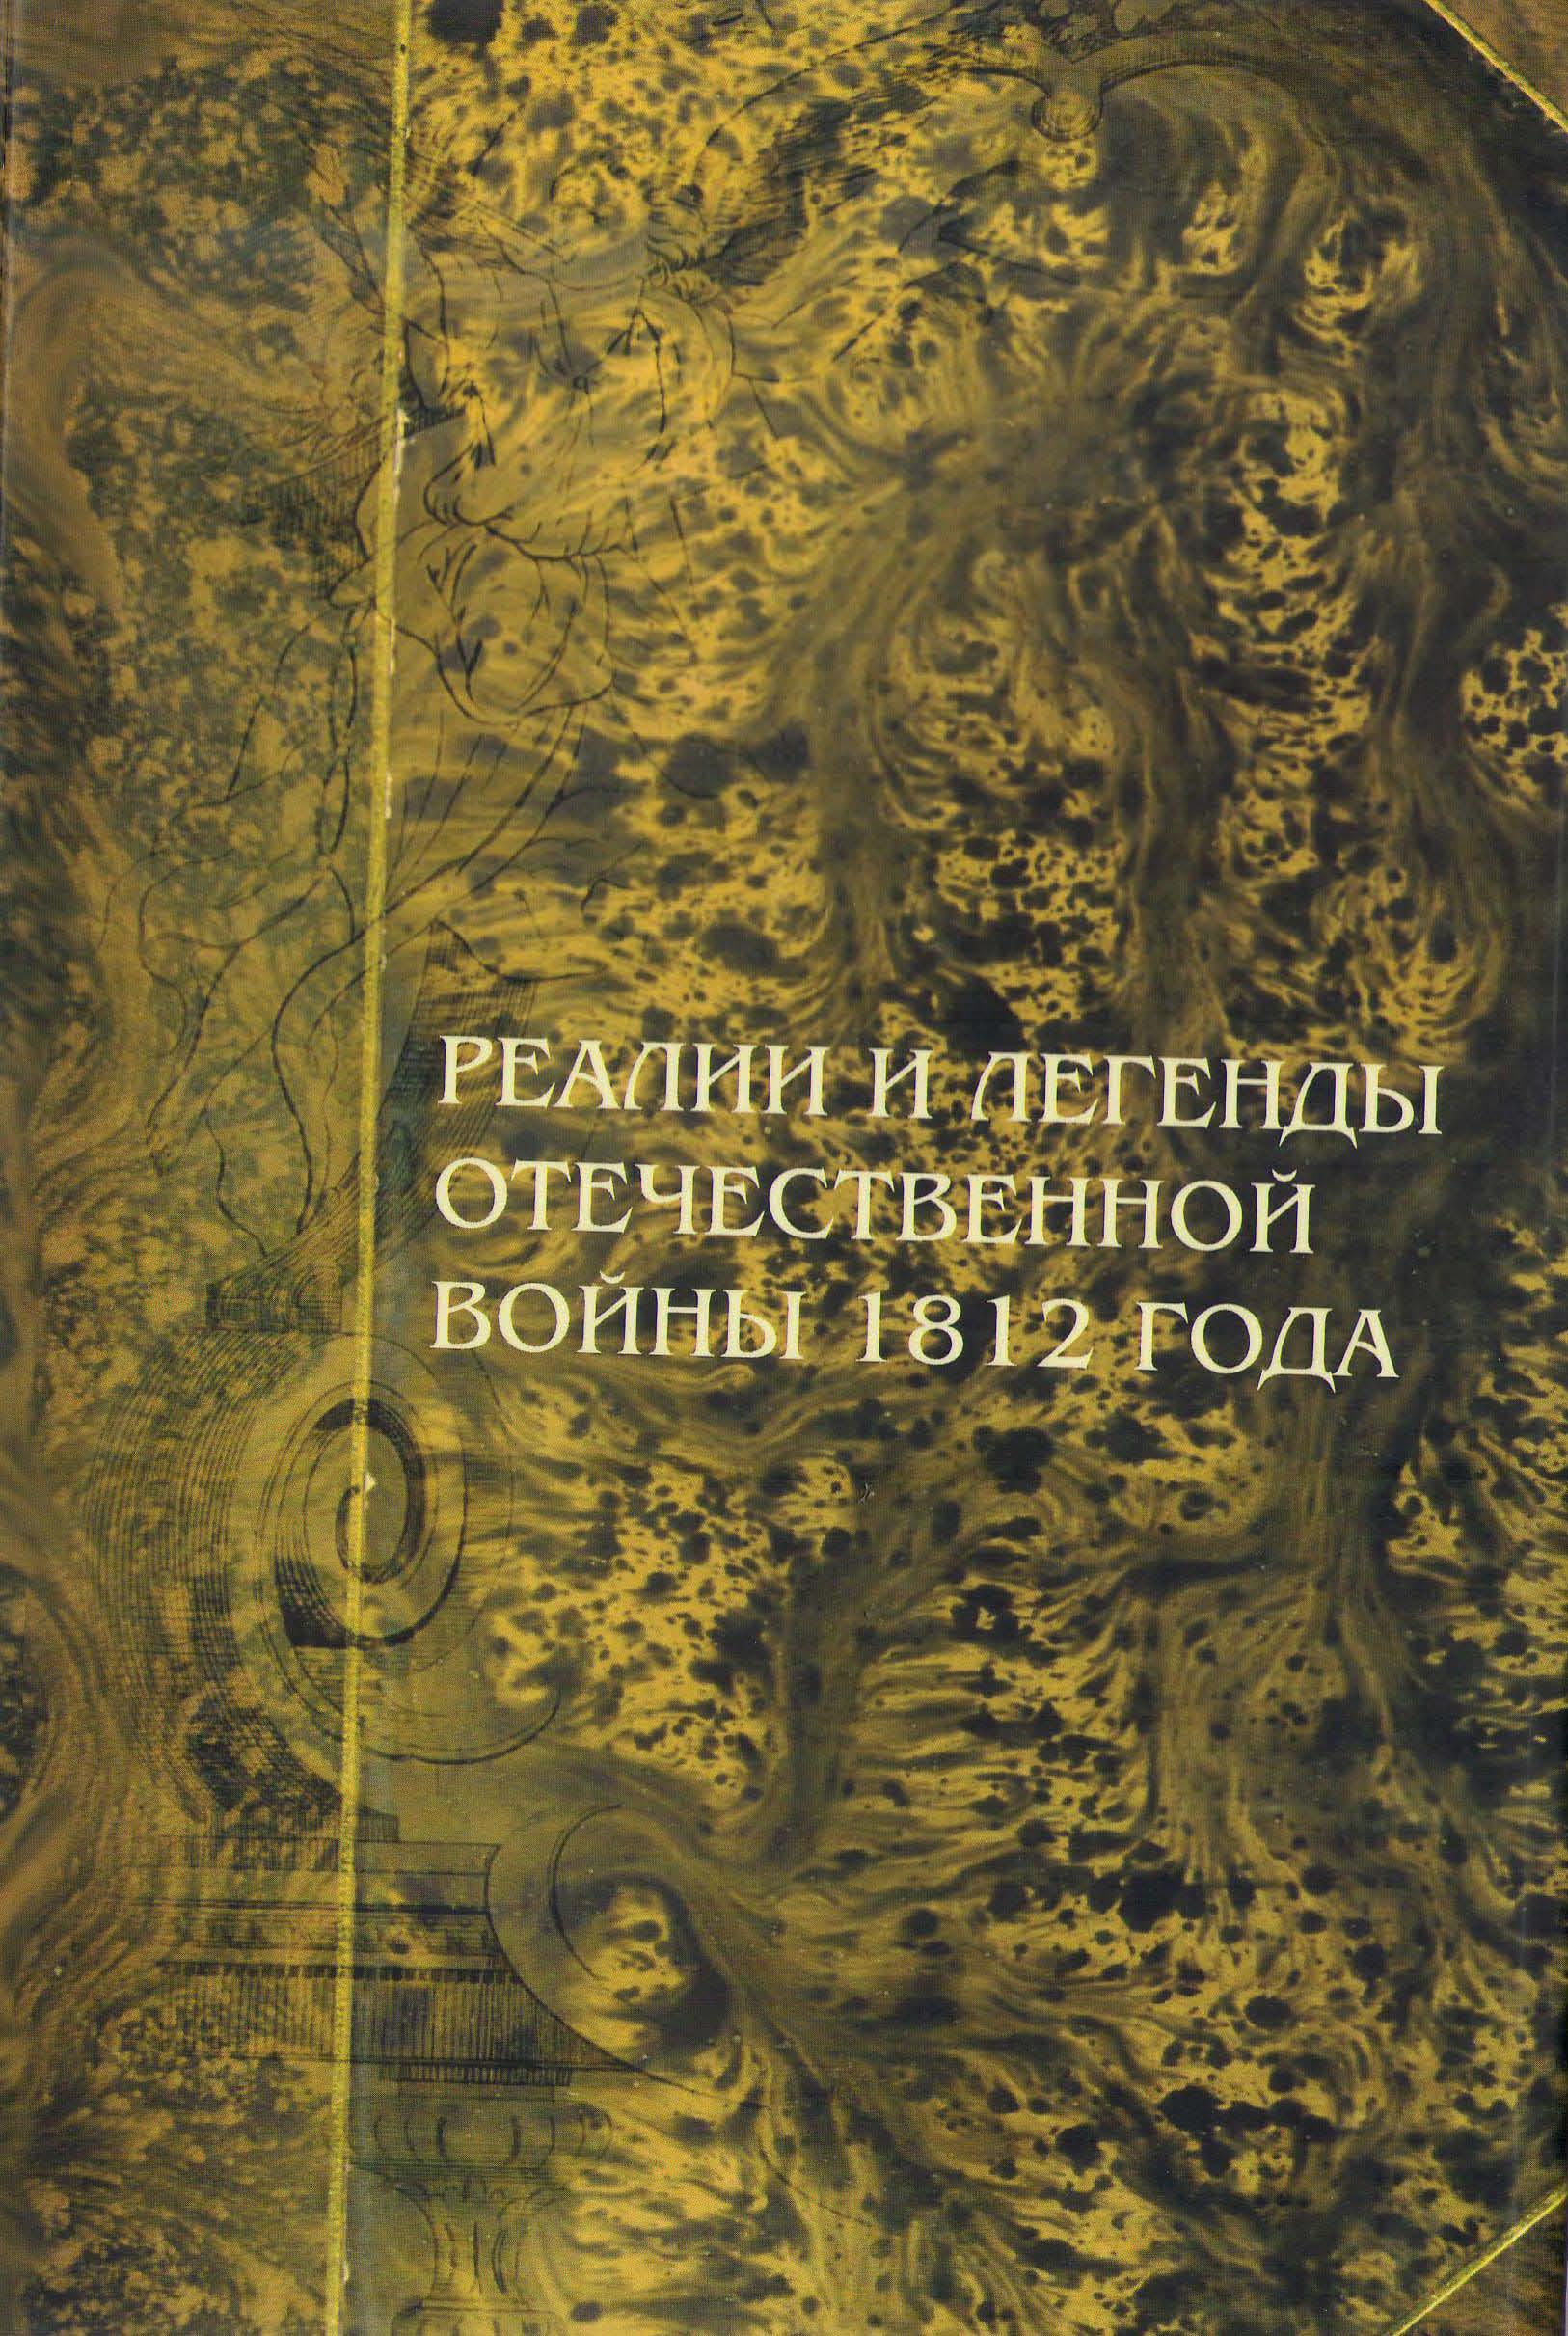 Реалии и легенды Отечественной войны 1812 года: Сборник научных статей